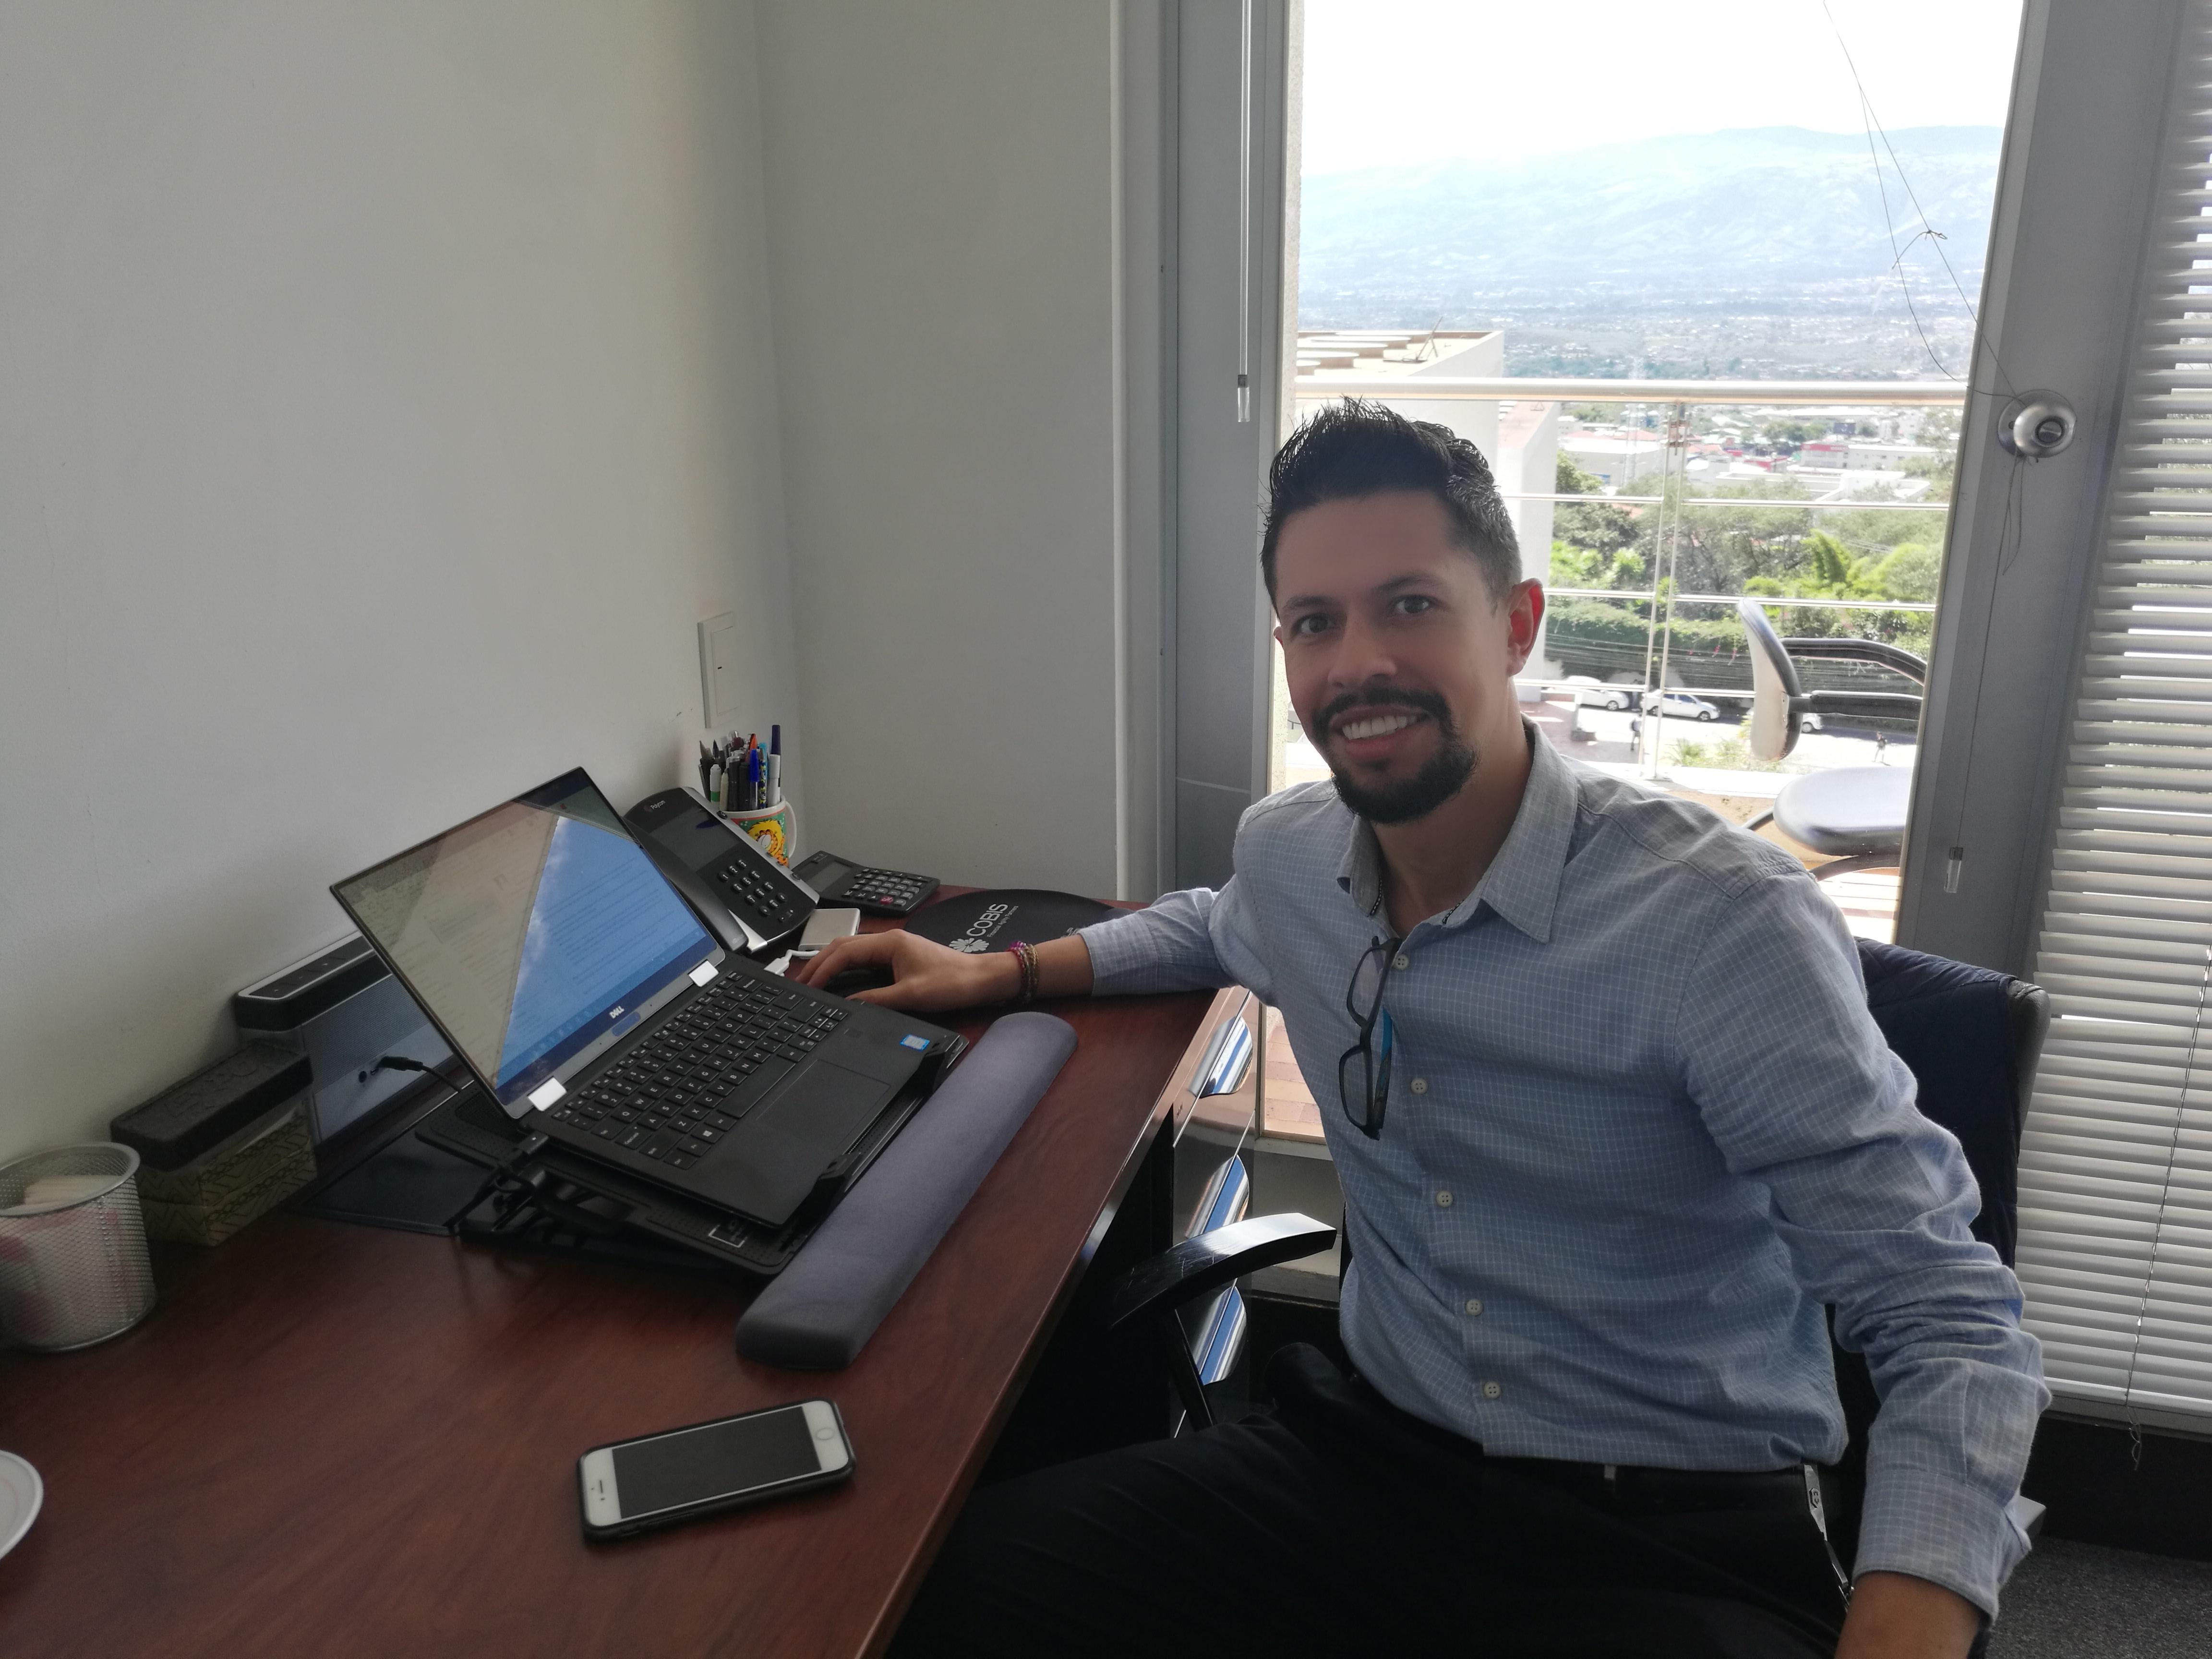 El futuro de la Transformación Digital y Fintech, conversamos con el Experto Francisco Espinosa de COBIS